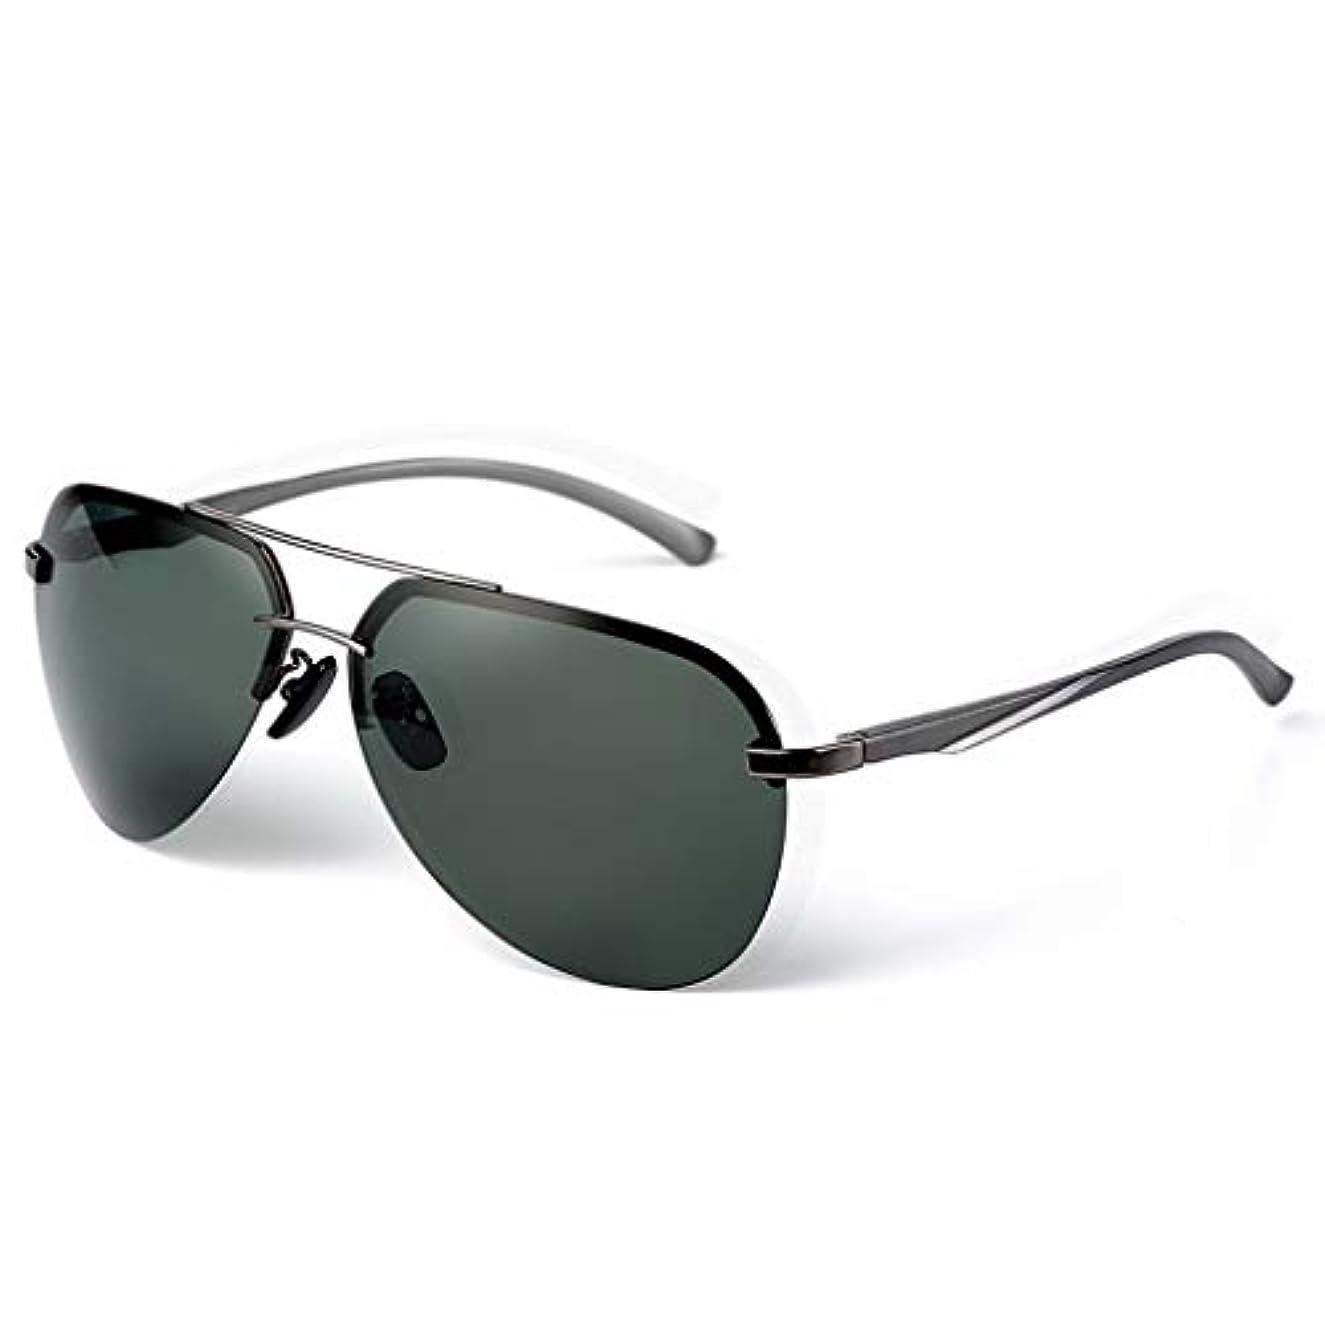 上不規則性止まるサングラス アウトドア 偏光子 UVプロテクション ファッションサングラス ファッション 屋外ミラー サングラス